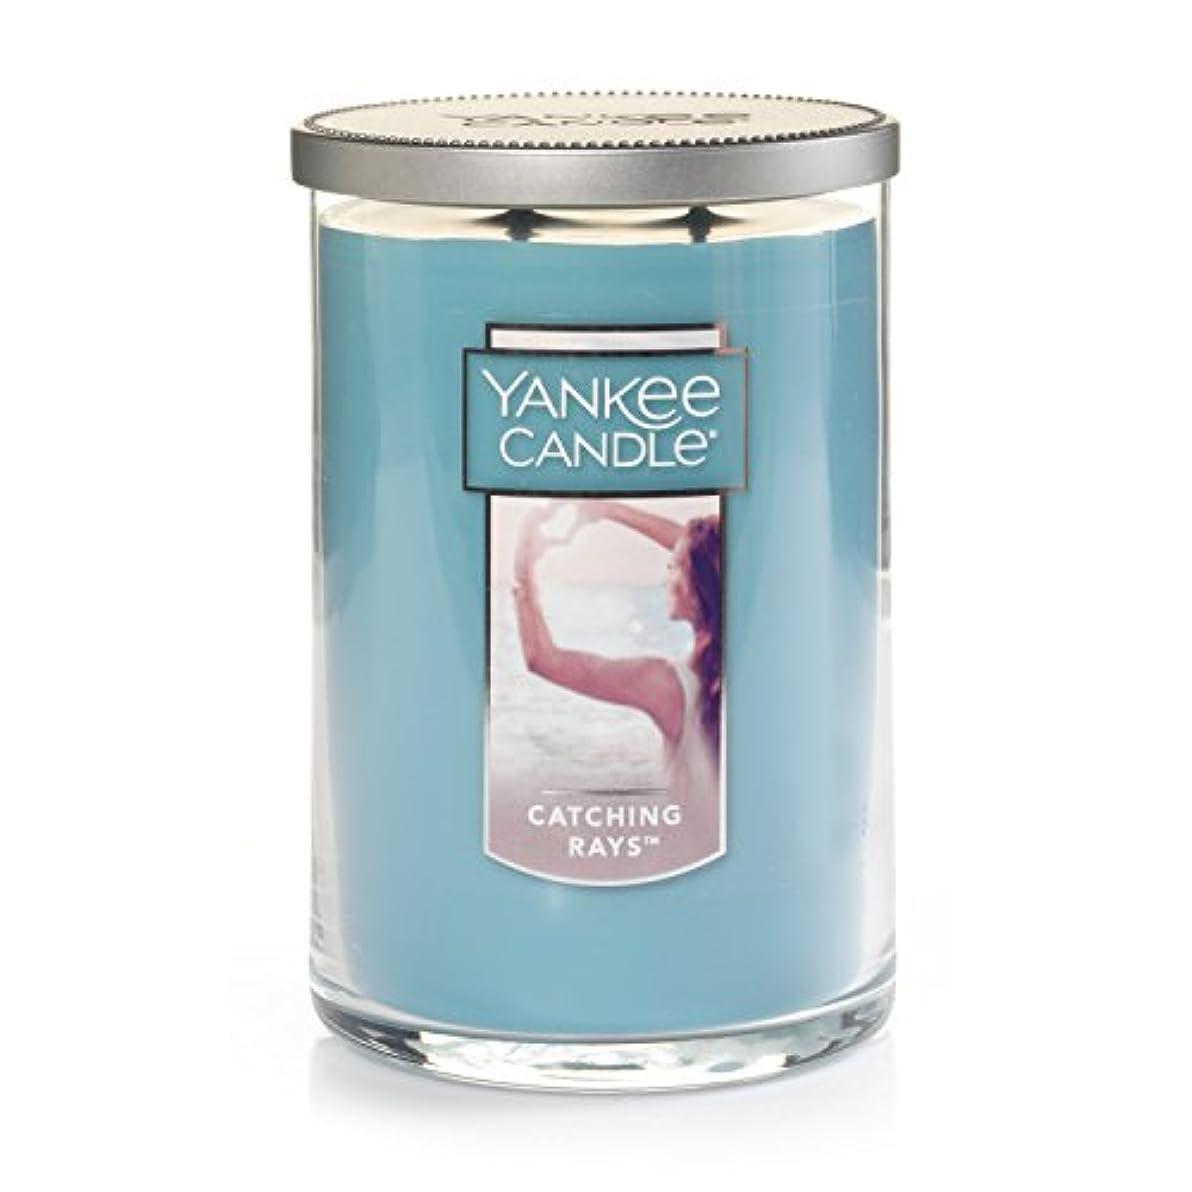 行政膨らみ居心地の良い(ヤンキーキャンドル) Yankee Candle Lサイズ ジャーキャンドル Large 2-Wick Tumbler Candle ブルー 1351630Z